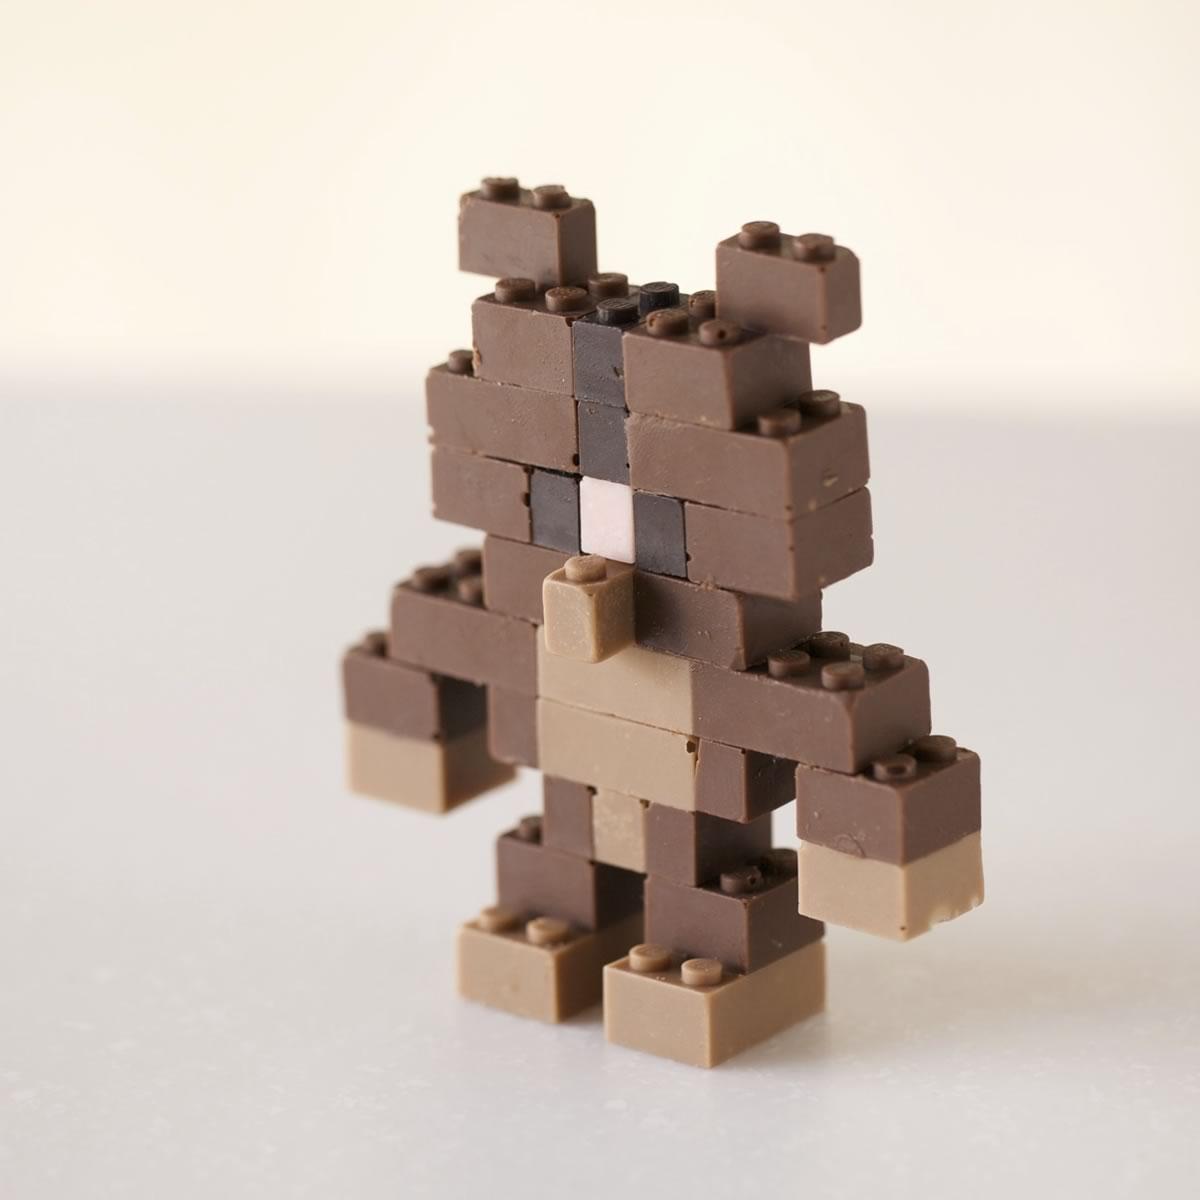 piezas de lego hechas de chocolate - 02